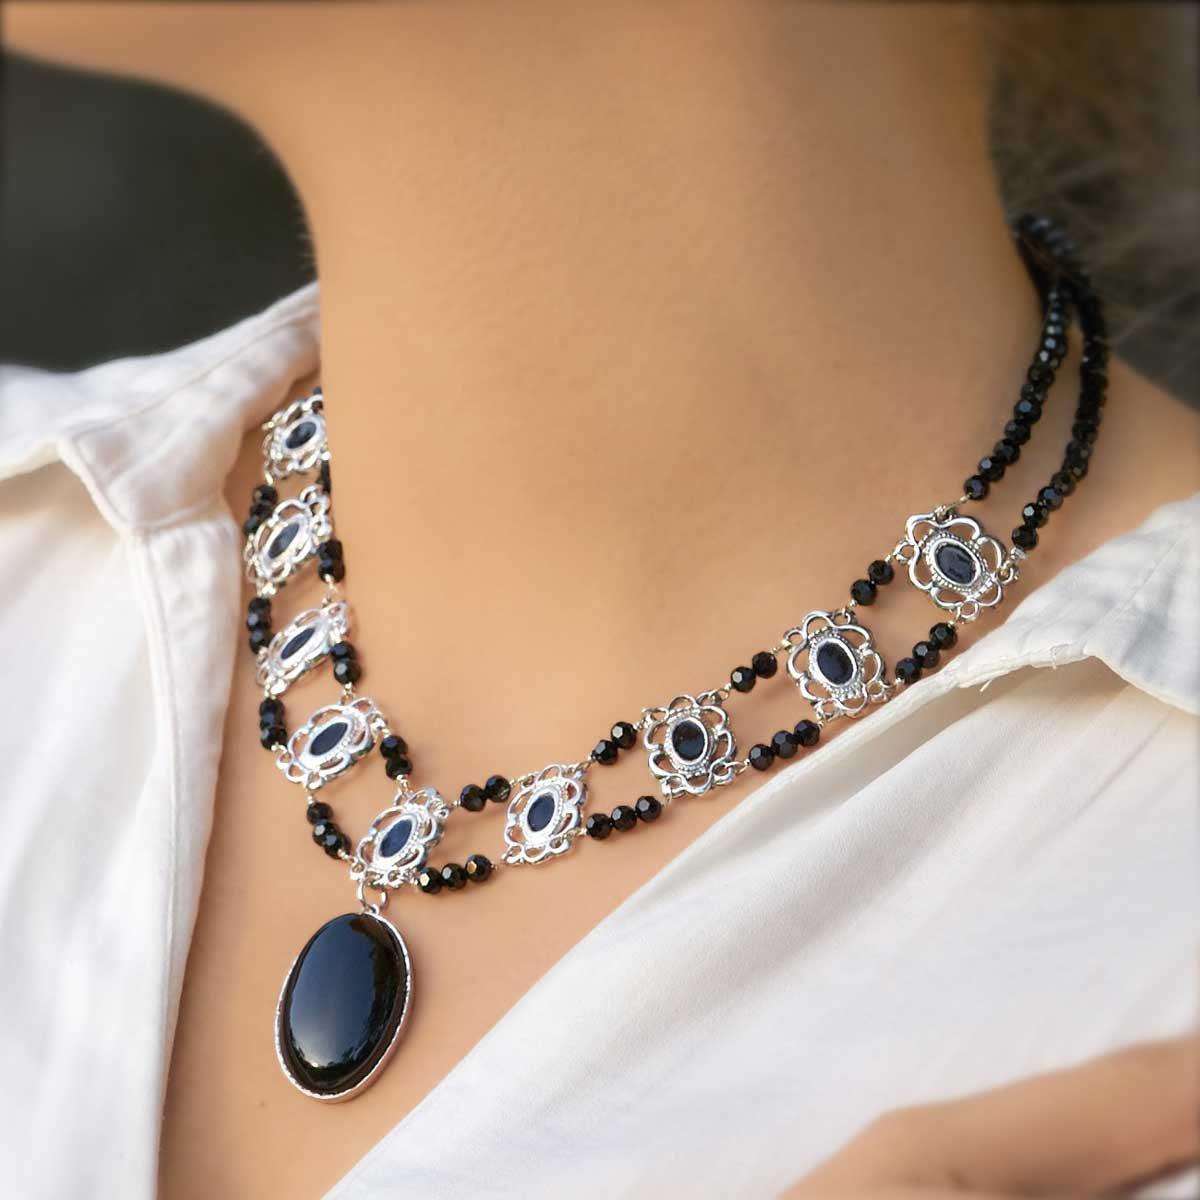 Collar de diseño en plata modelo Raíña, Joyas Siliva